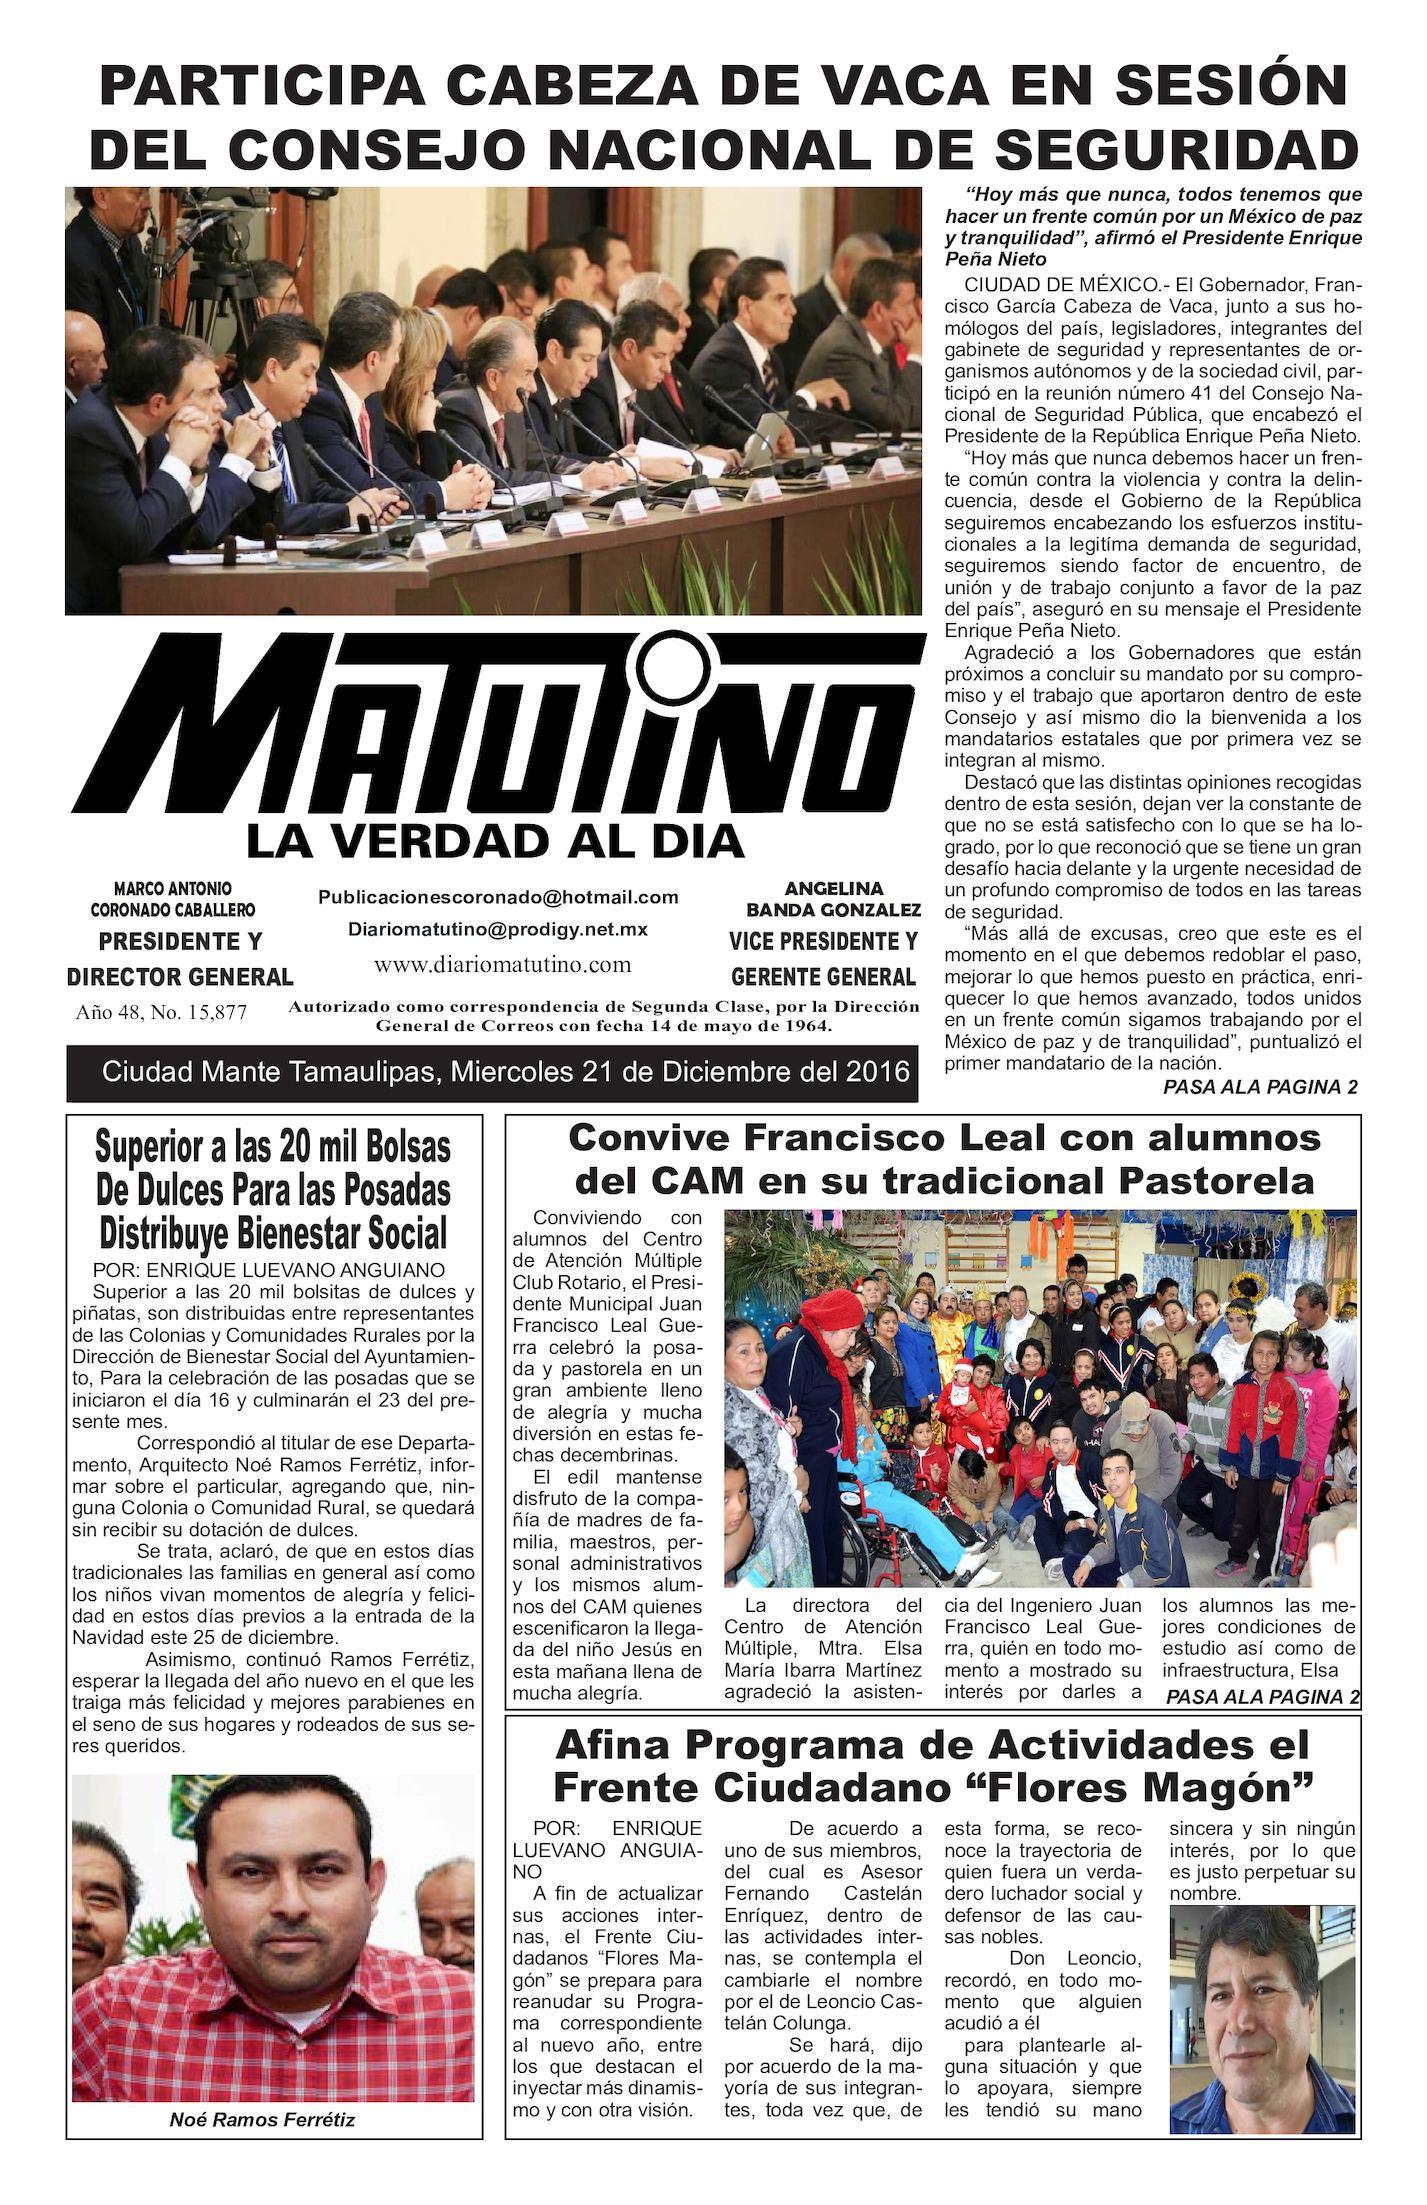 Calaméo - Matutino Miercoles 21 De Diciembre Del 2016